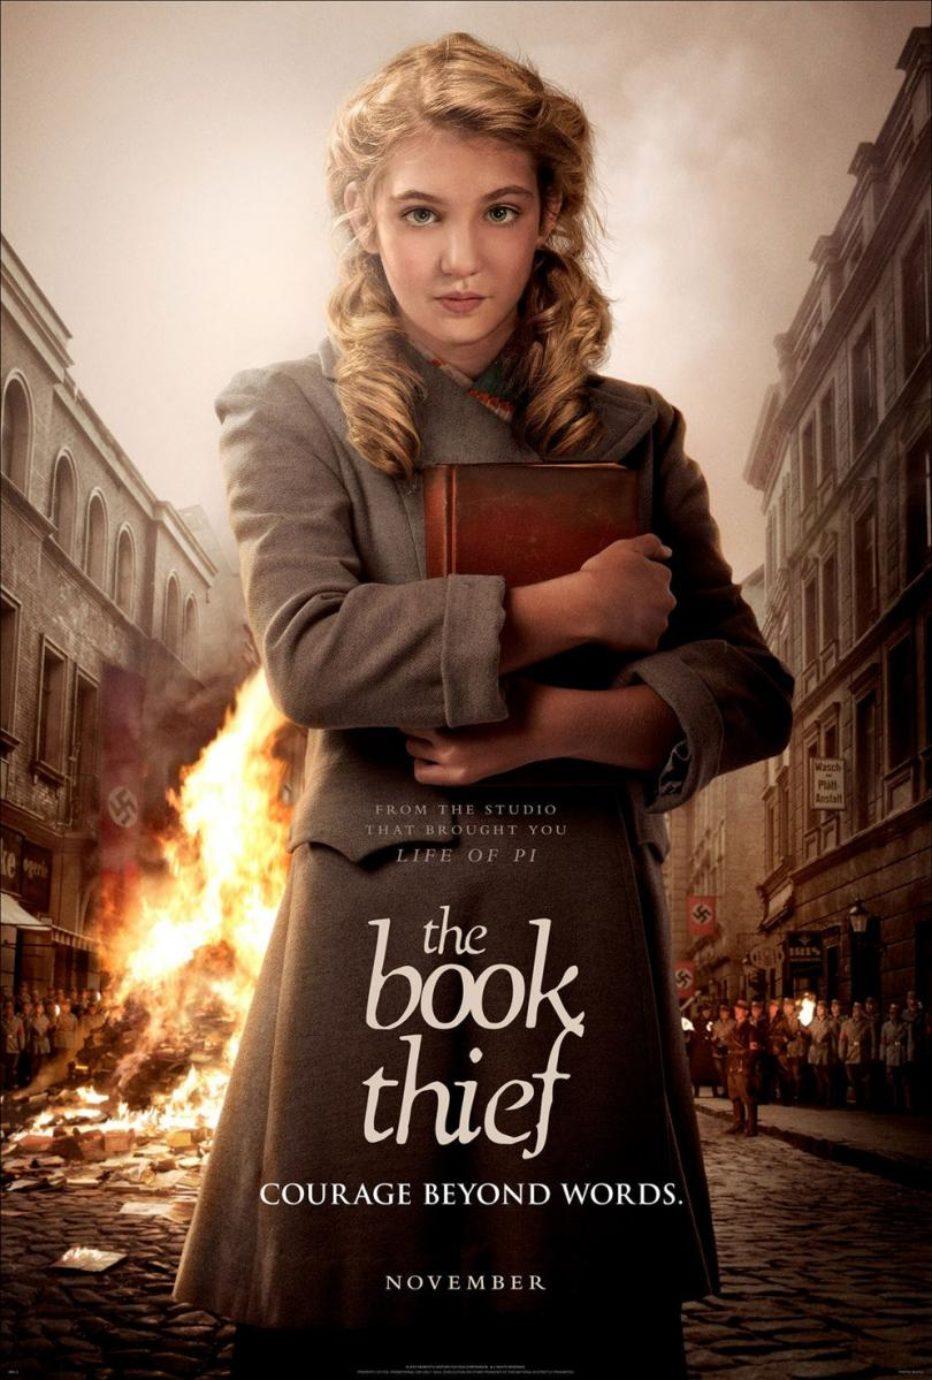 La ladrona de libros: la palabra es vida